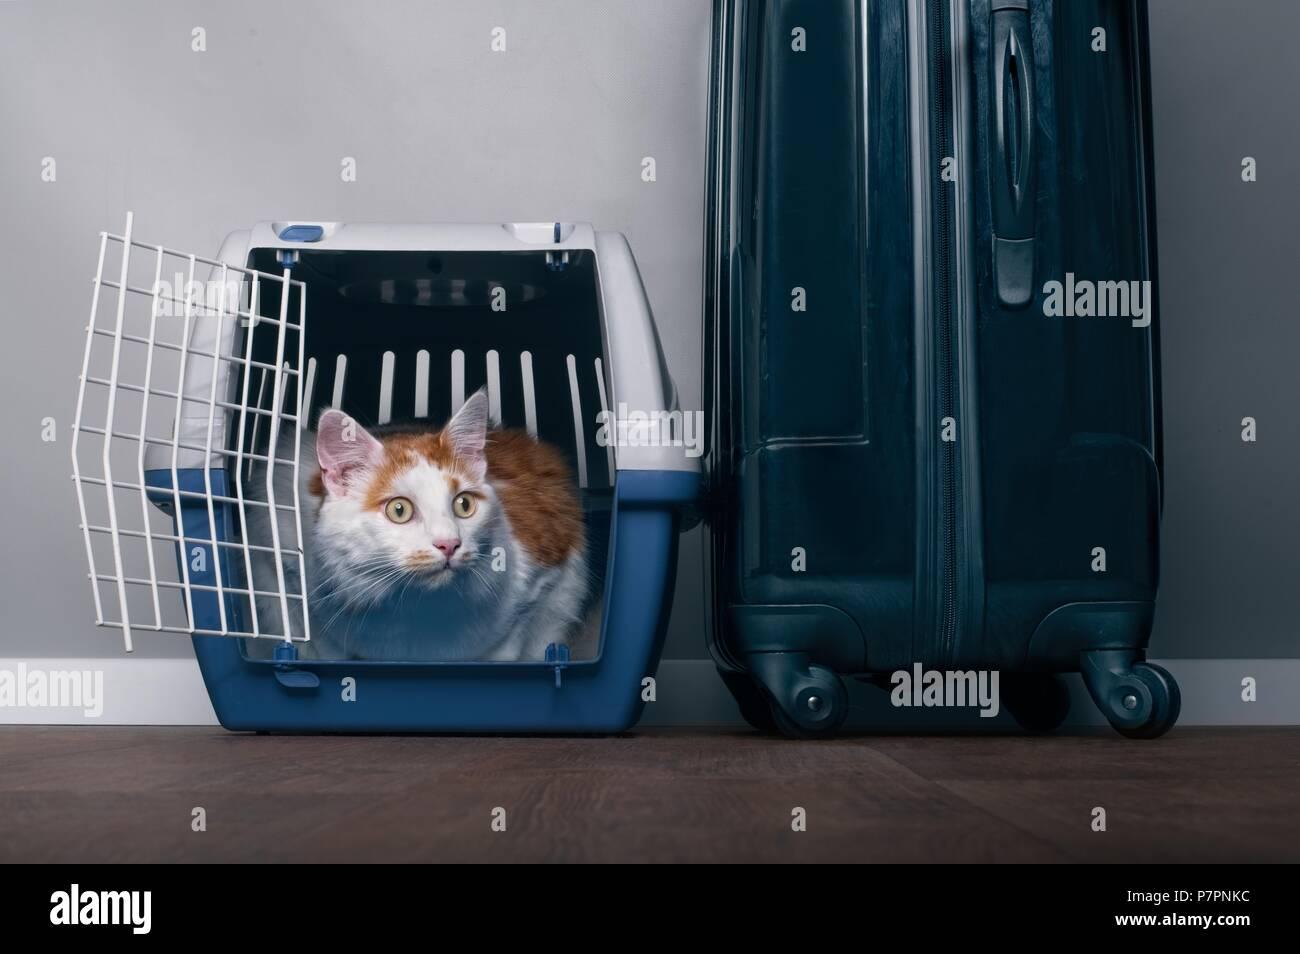 Lindo gato atigrado sentarse en una jaula al lado de una maleta de viaje y esperamos ansiosamente sideway s. Imagen De Stock